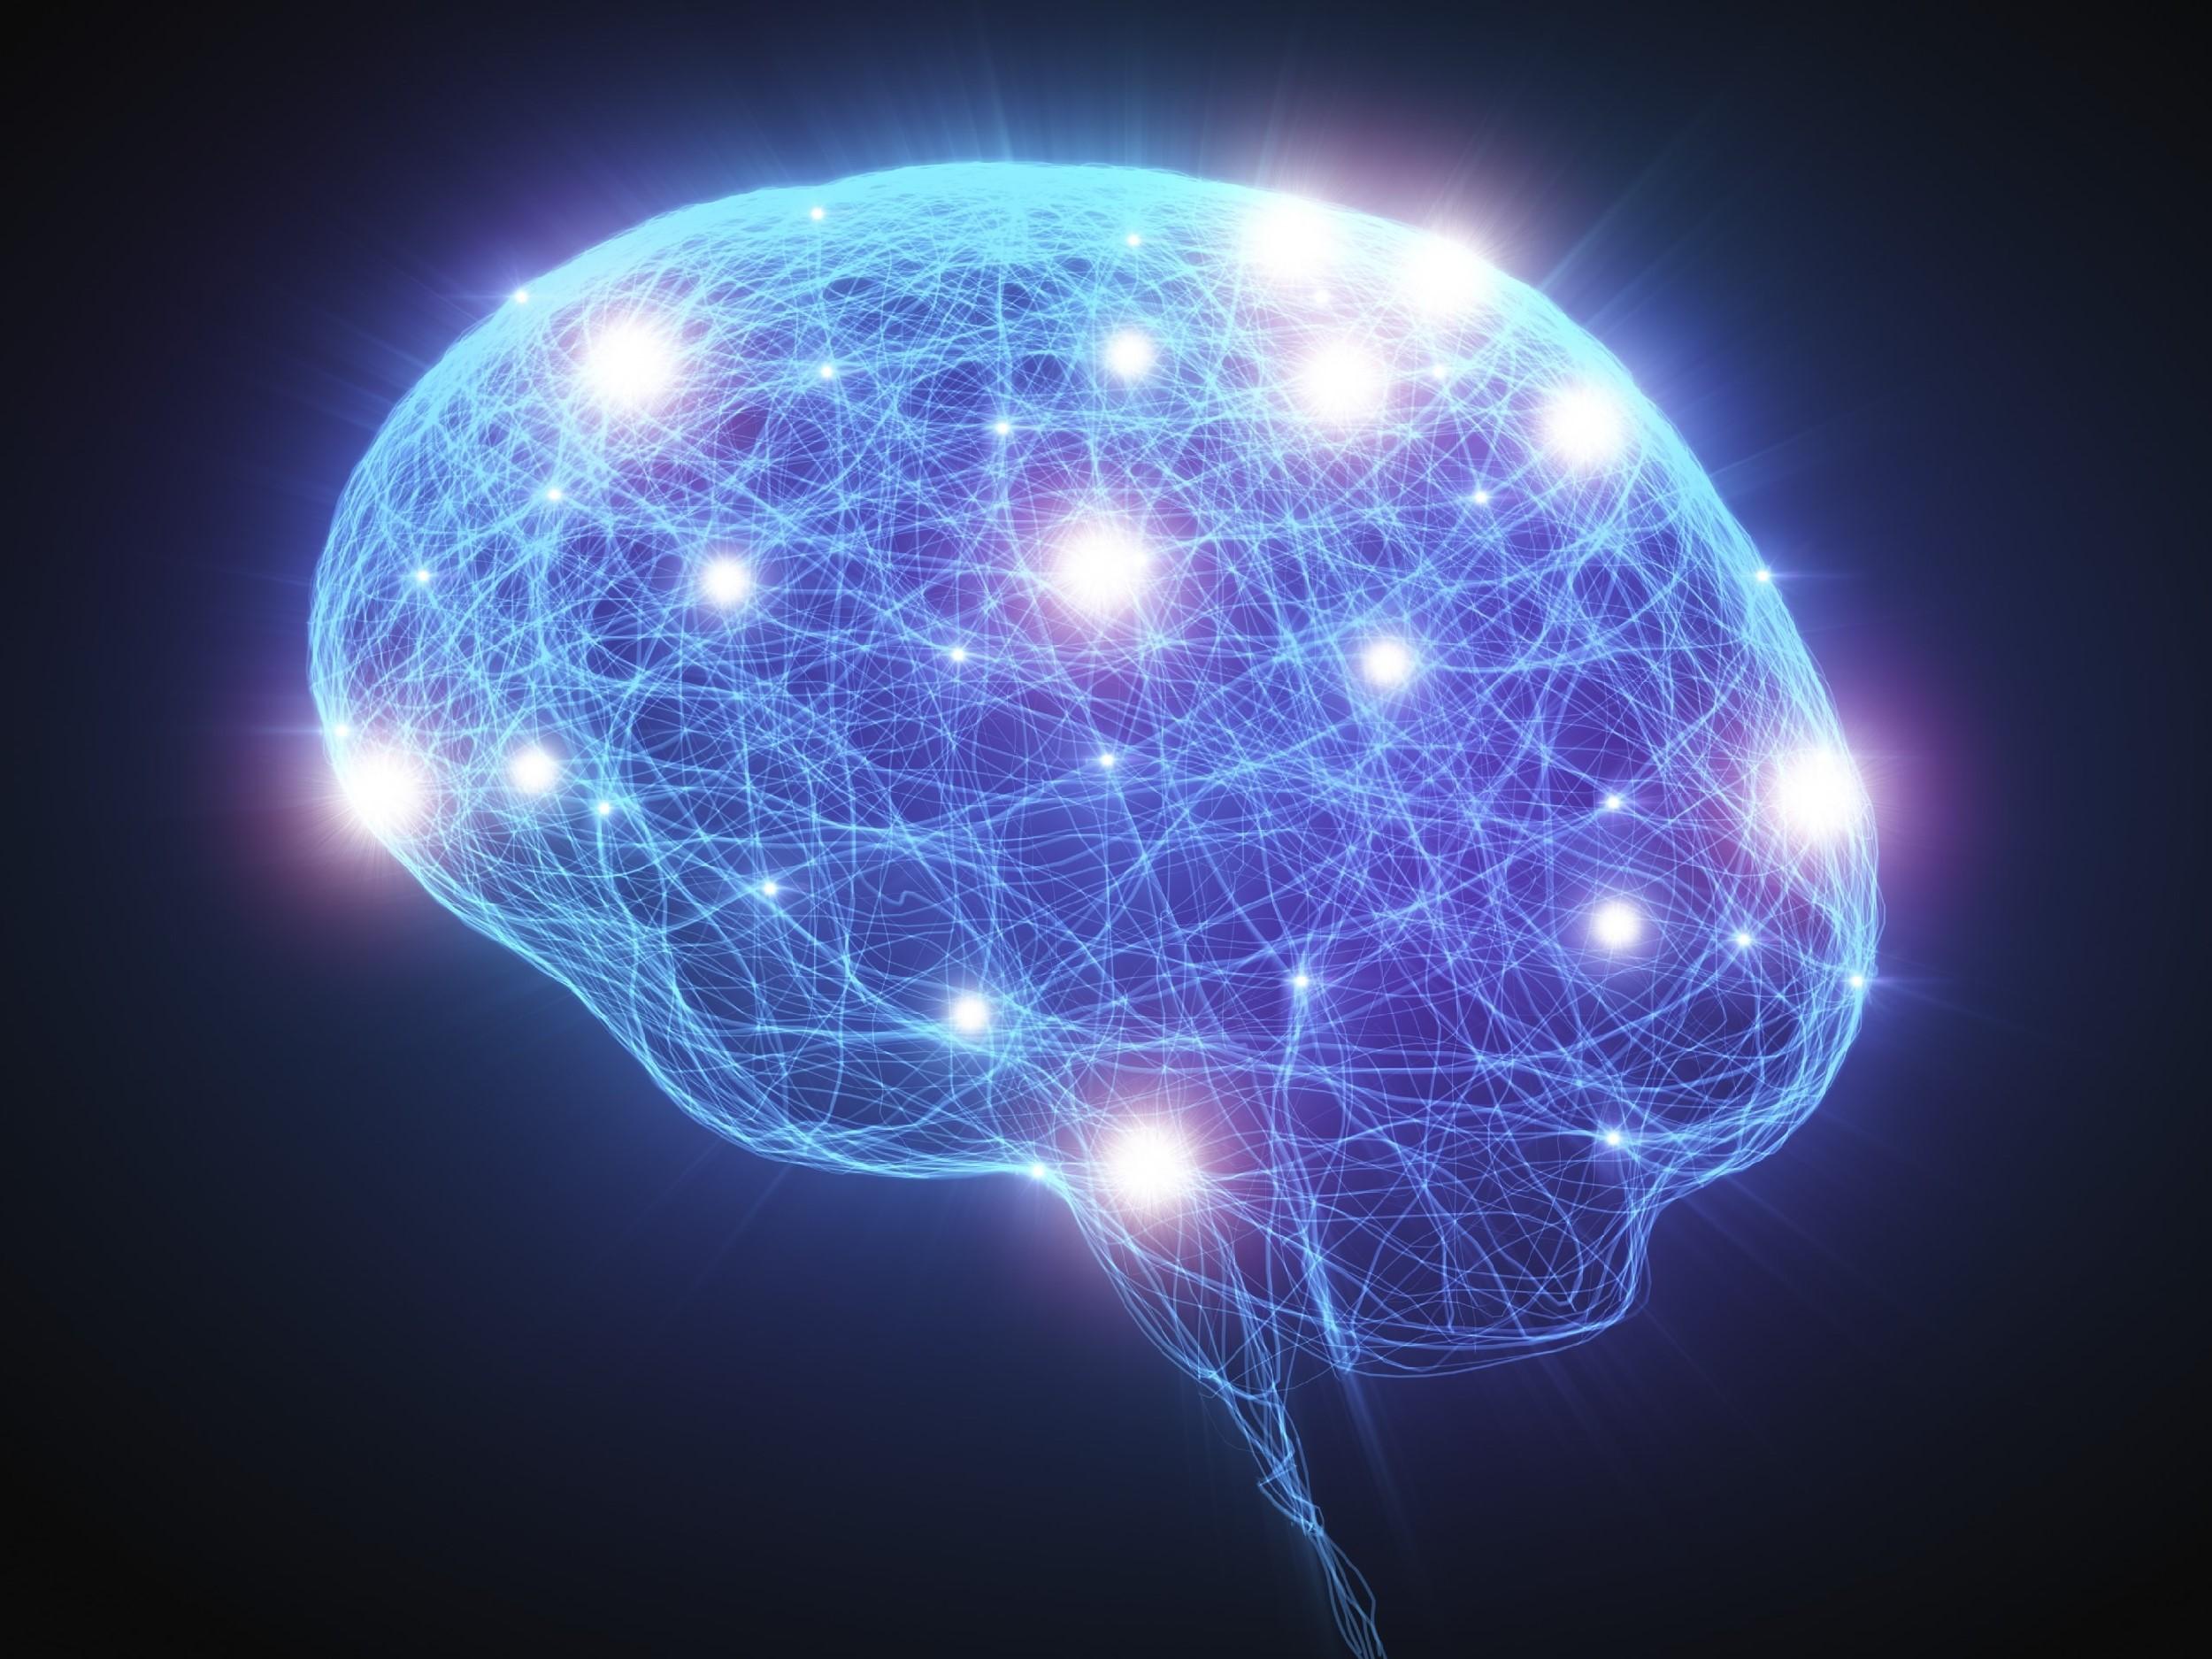 neural network human brain versus computer techbuf